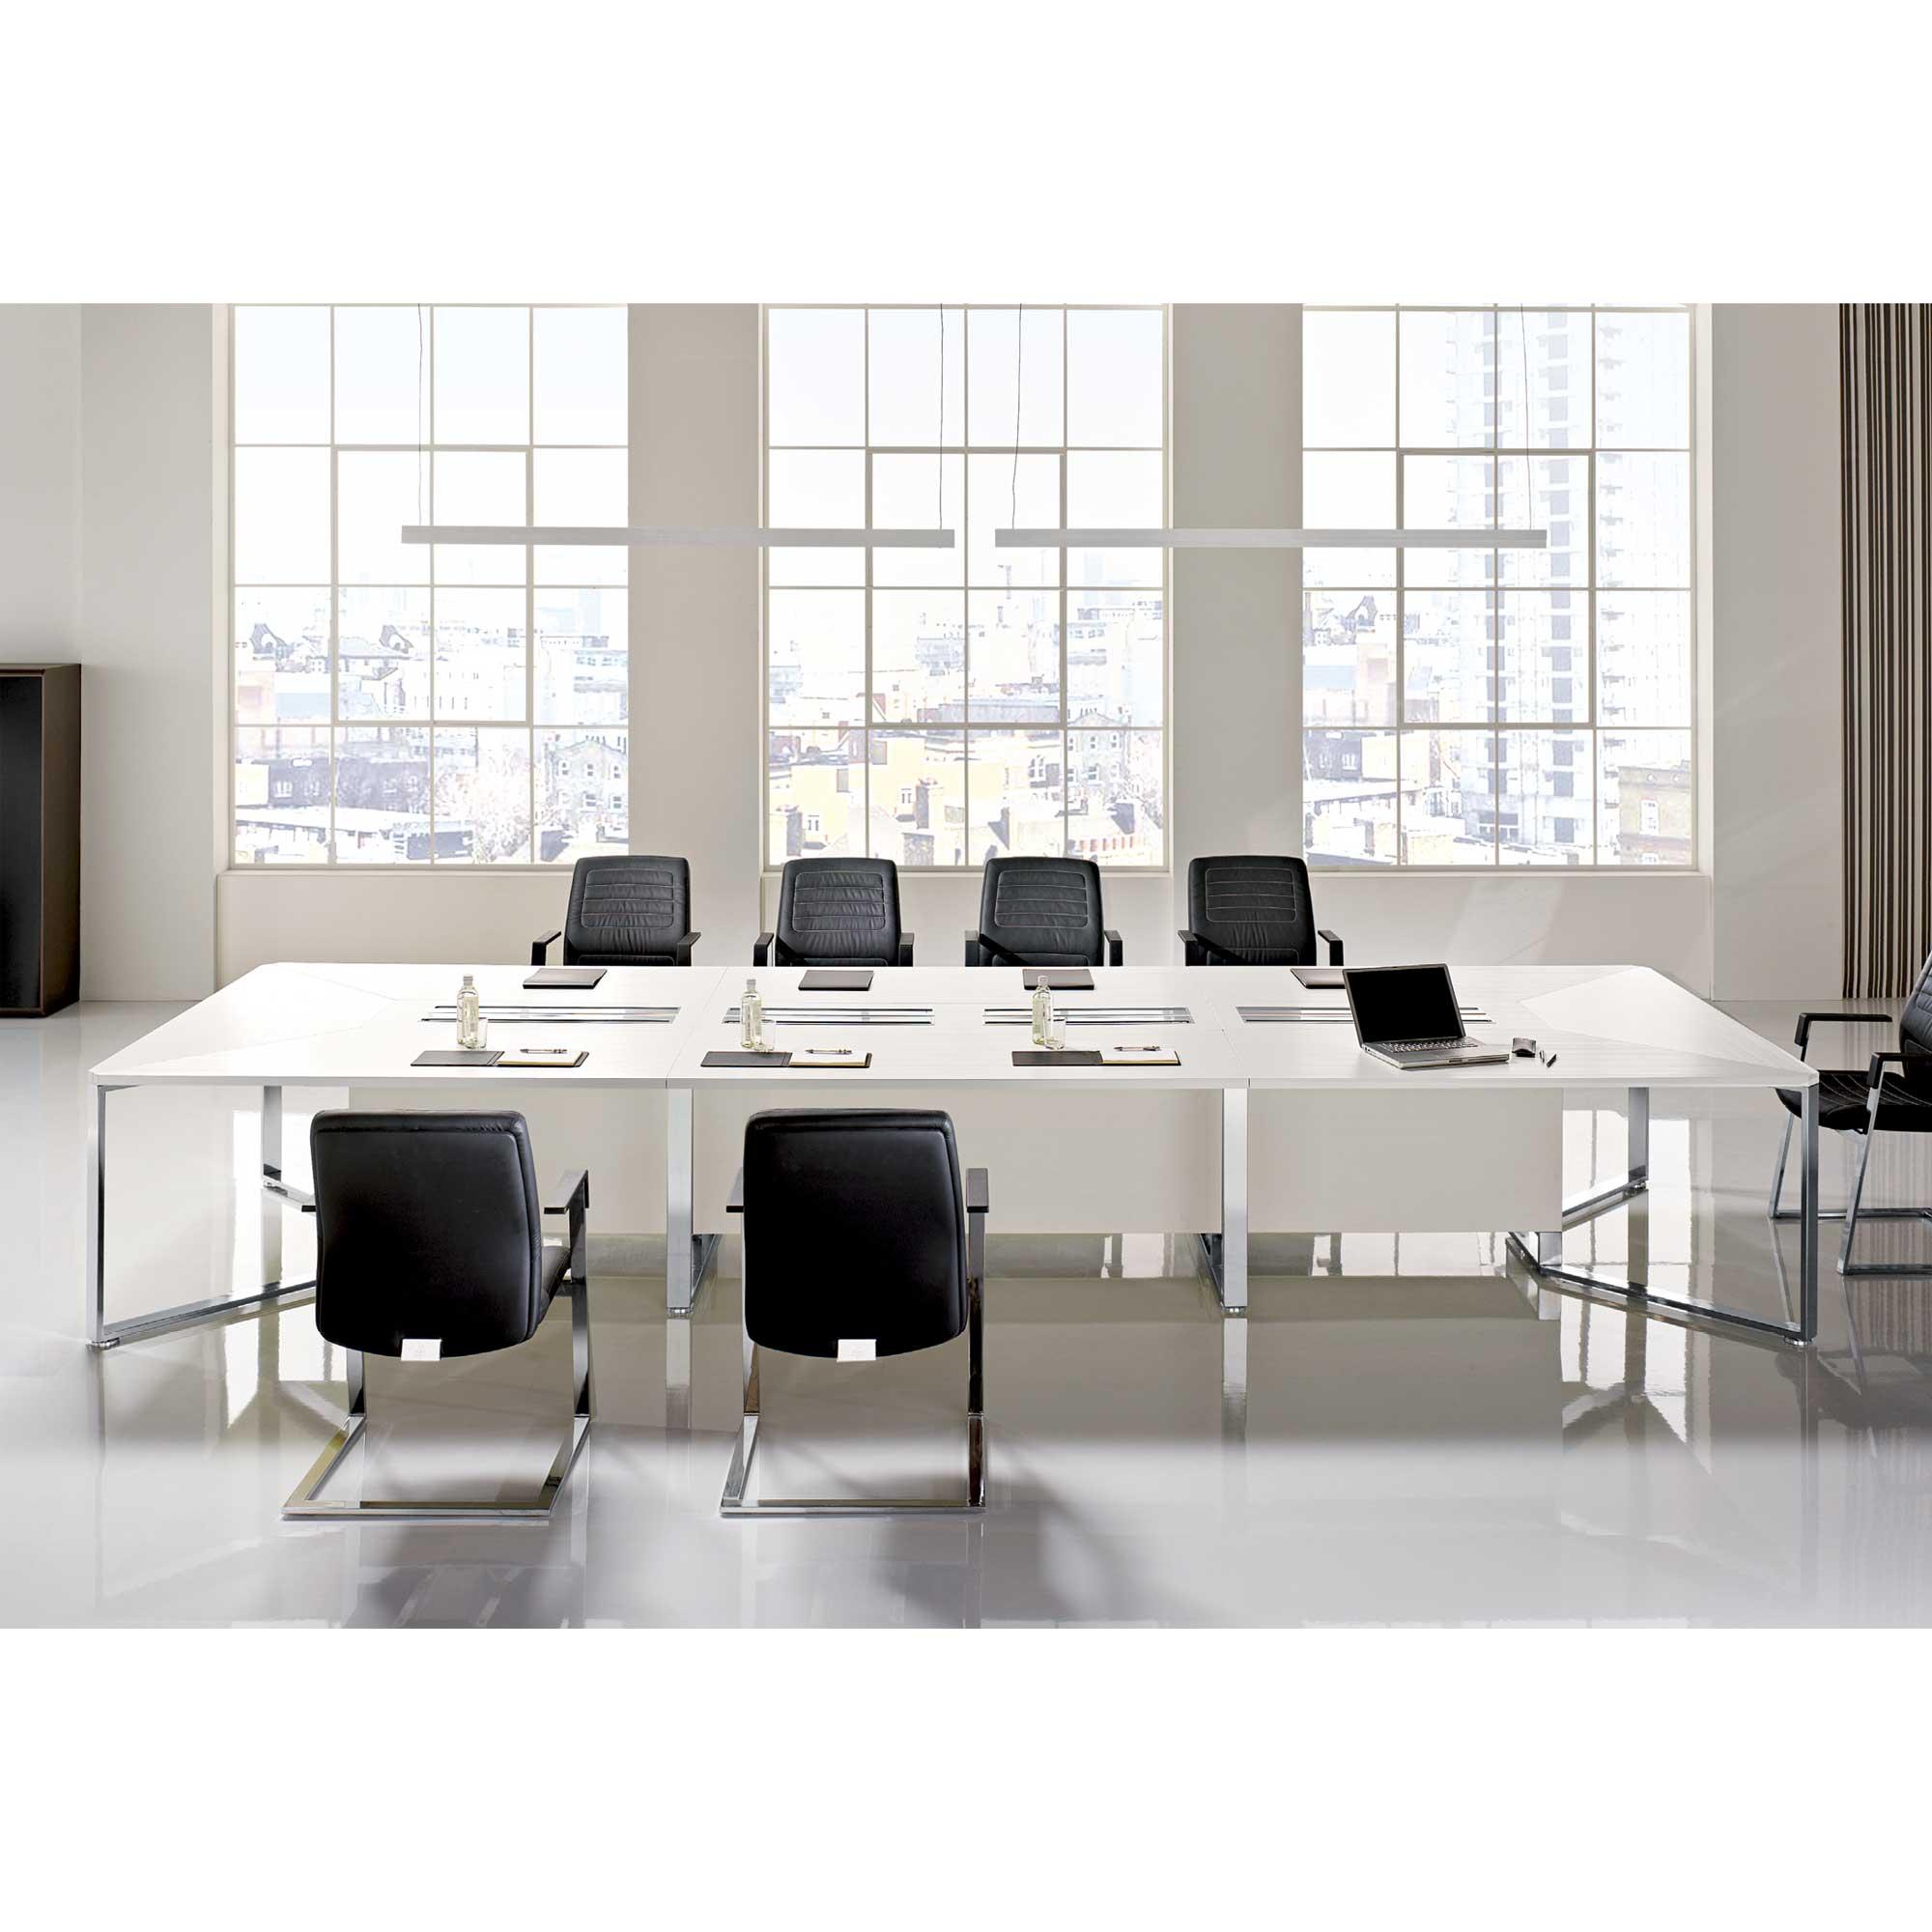 Mobili ufficio catania mobili per ufficio online bcasa for Mobili per ufficio online